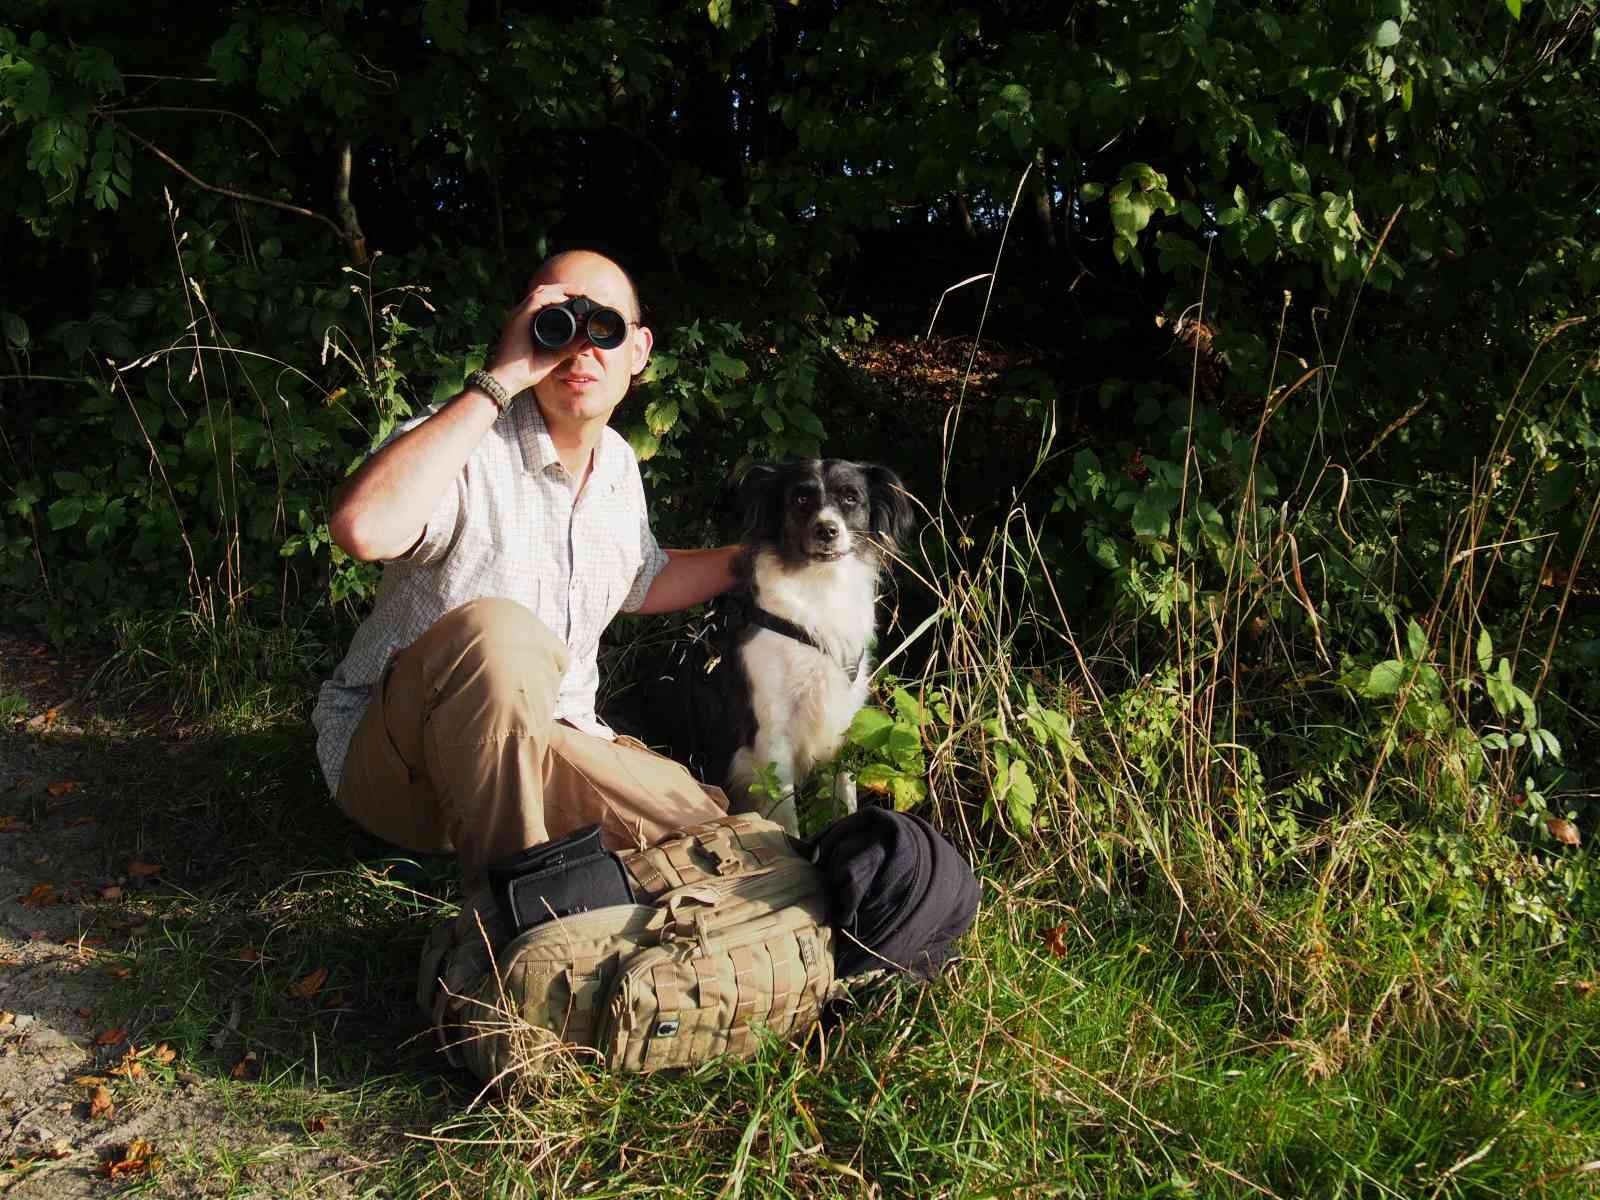 Fernglas im Outdoreinsatz - Auf der Tour mit Hund